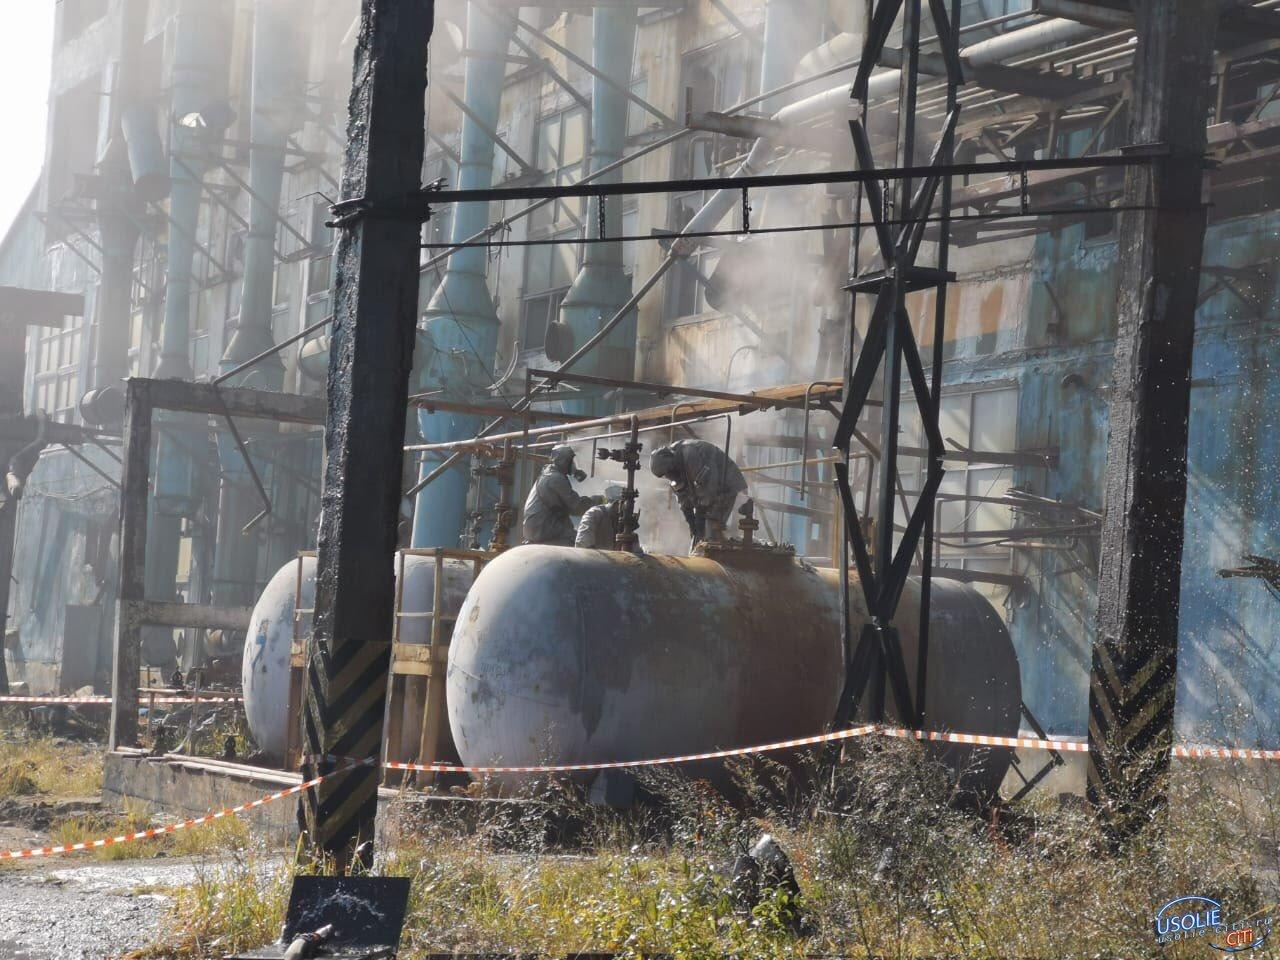 Мэр Усолья: Что обнаружено в опасных емкостях Химпрома